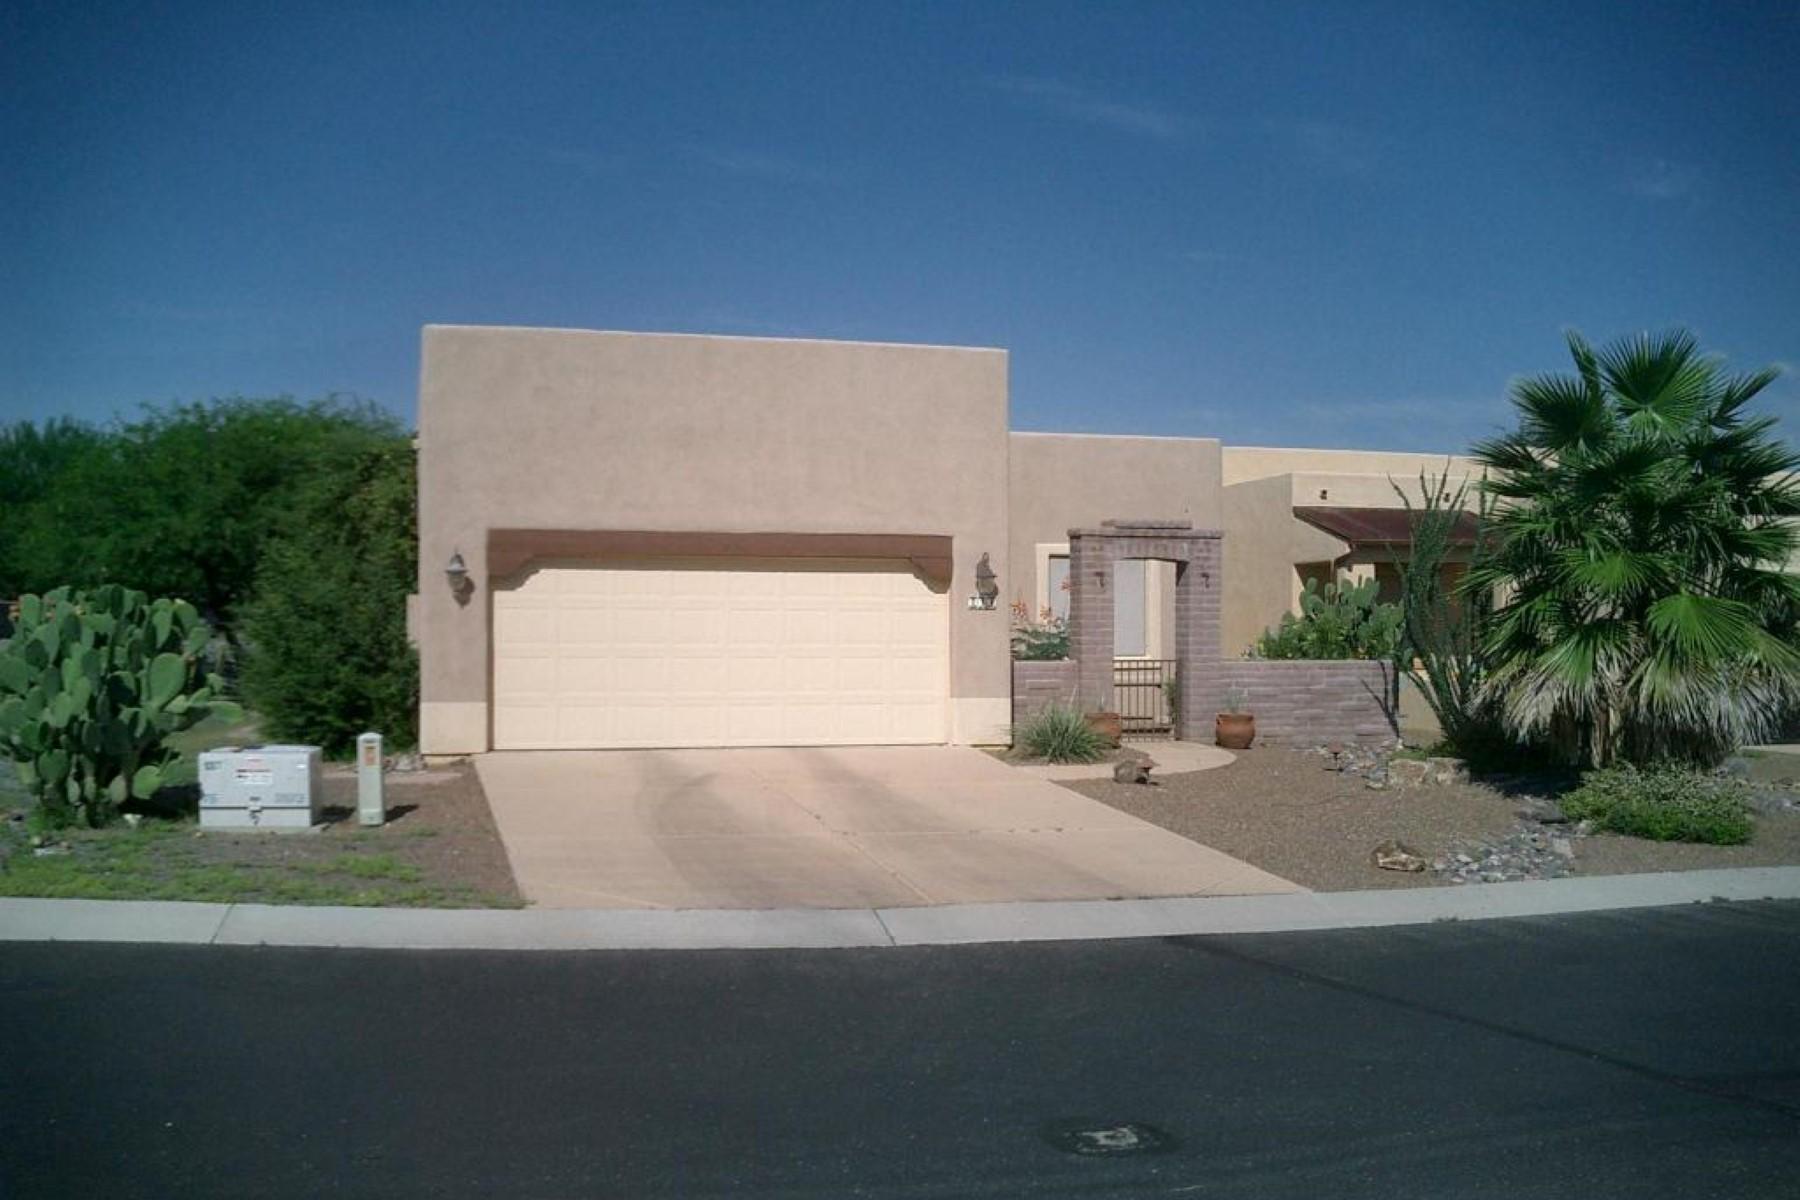 独户住宅 为 销售 在 Beautiful St. Francis Patio home 241 Market 图巴克, 亚利桑那州, 85646 美国